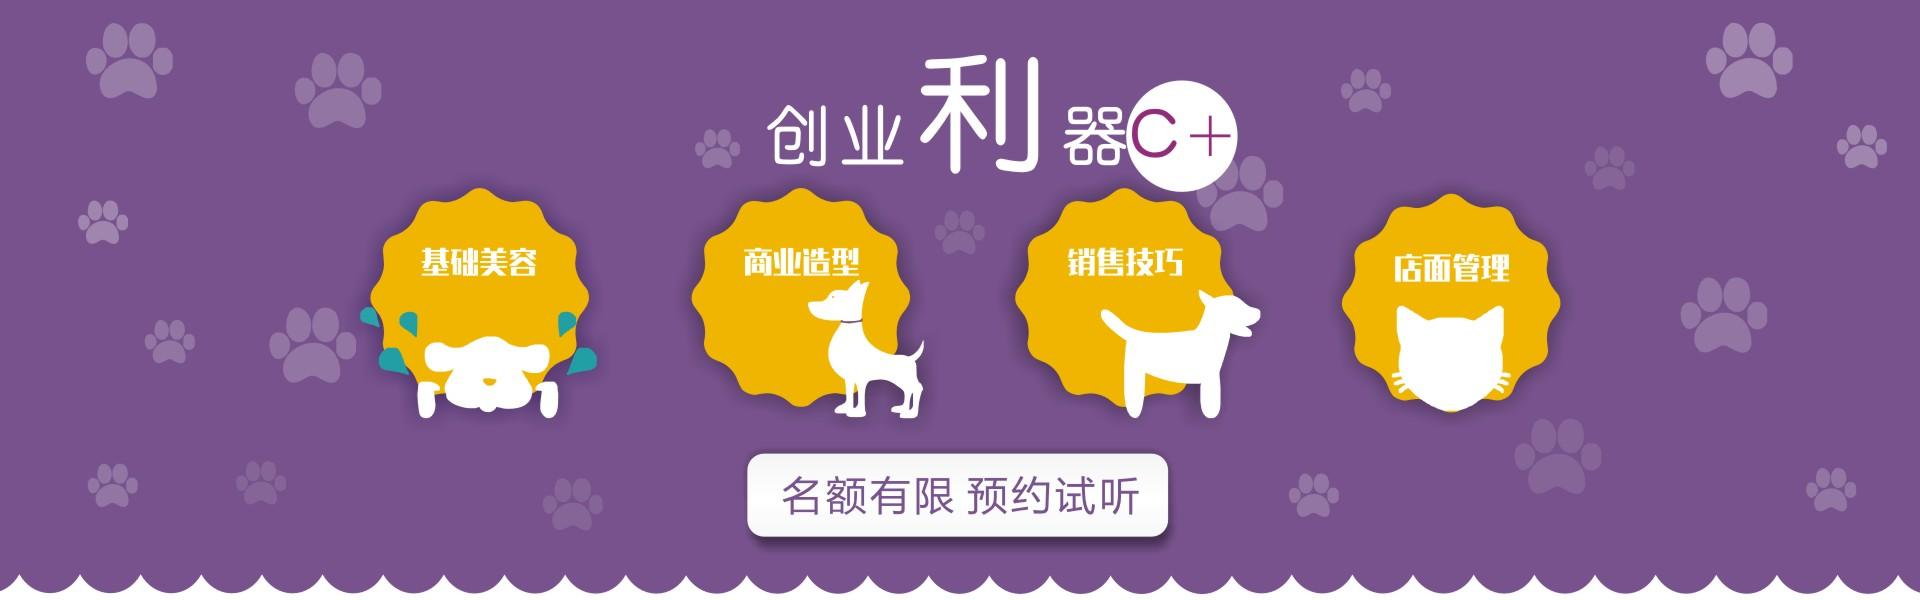 宠物美容培训课程